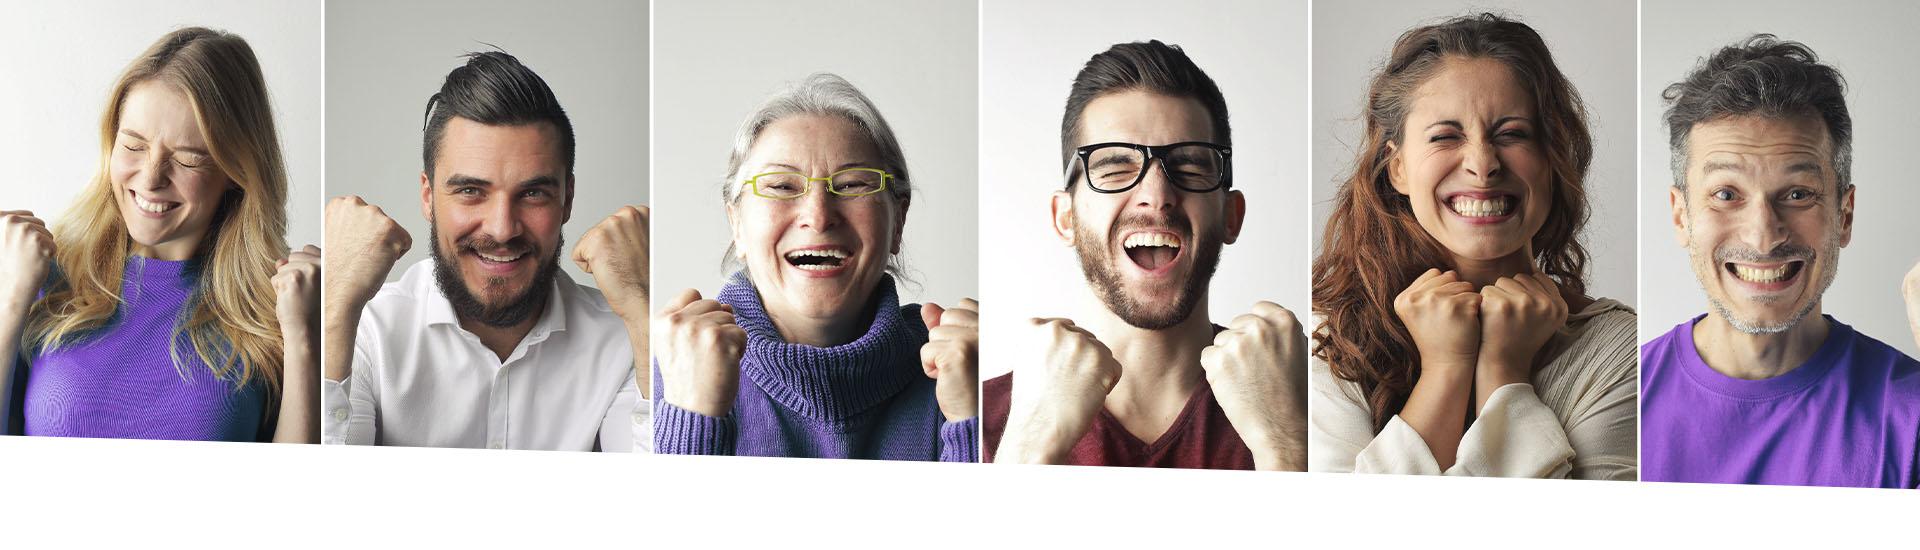 dental beauty smile makeover comp